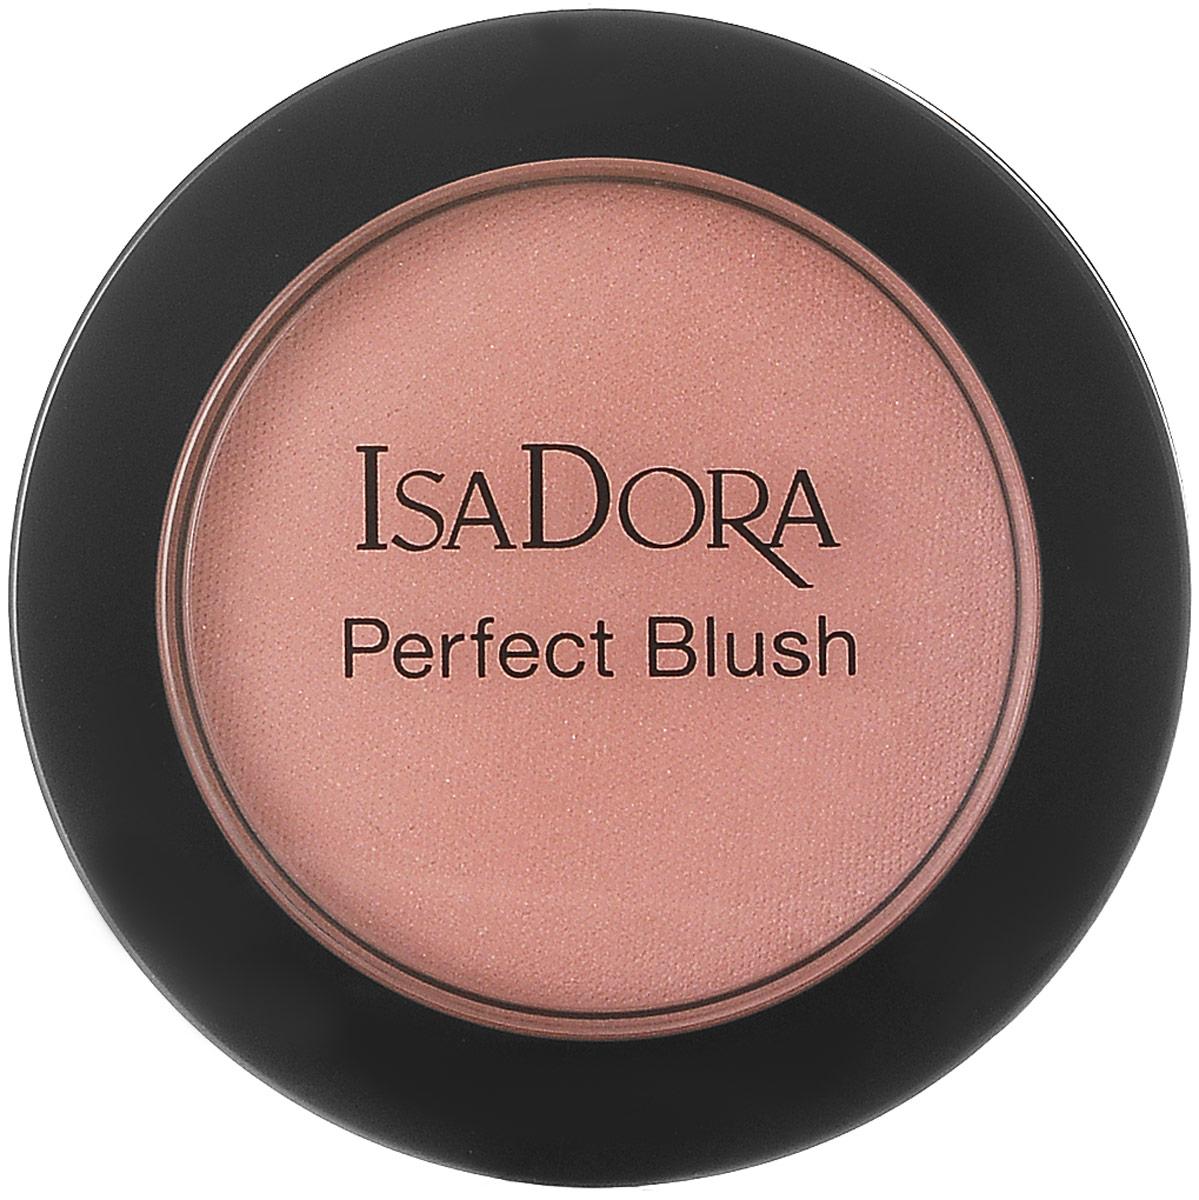 Isadora румяна Perfect blush 58 4,5гр1301210Нежные бархатистые румяна, устойчивые, насыщенная пигментами текстура, матовые и сияющие оттенки.Без отдушек. Клинически тестировано.